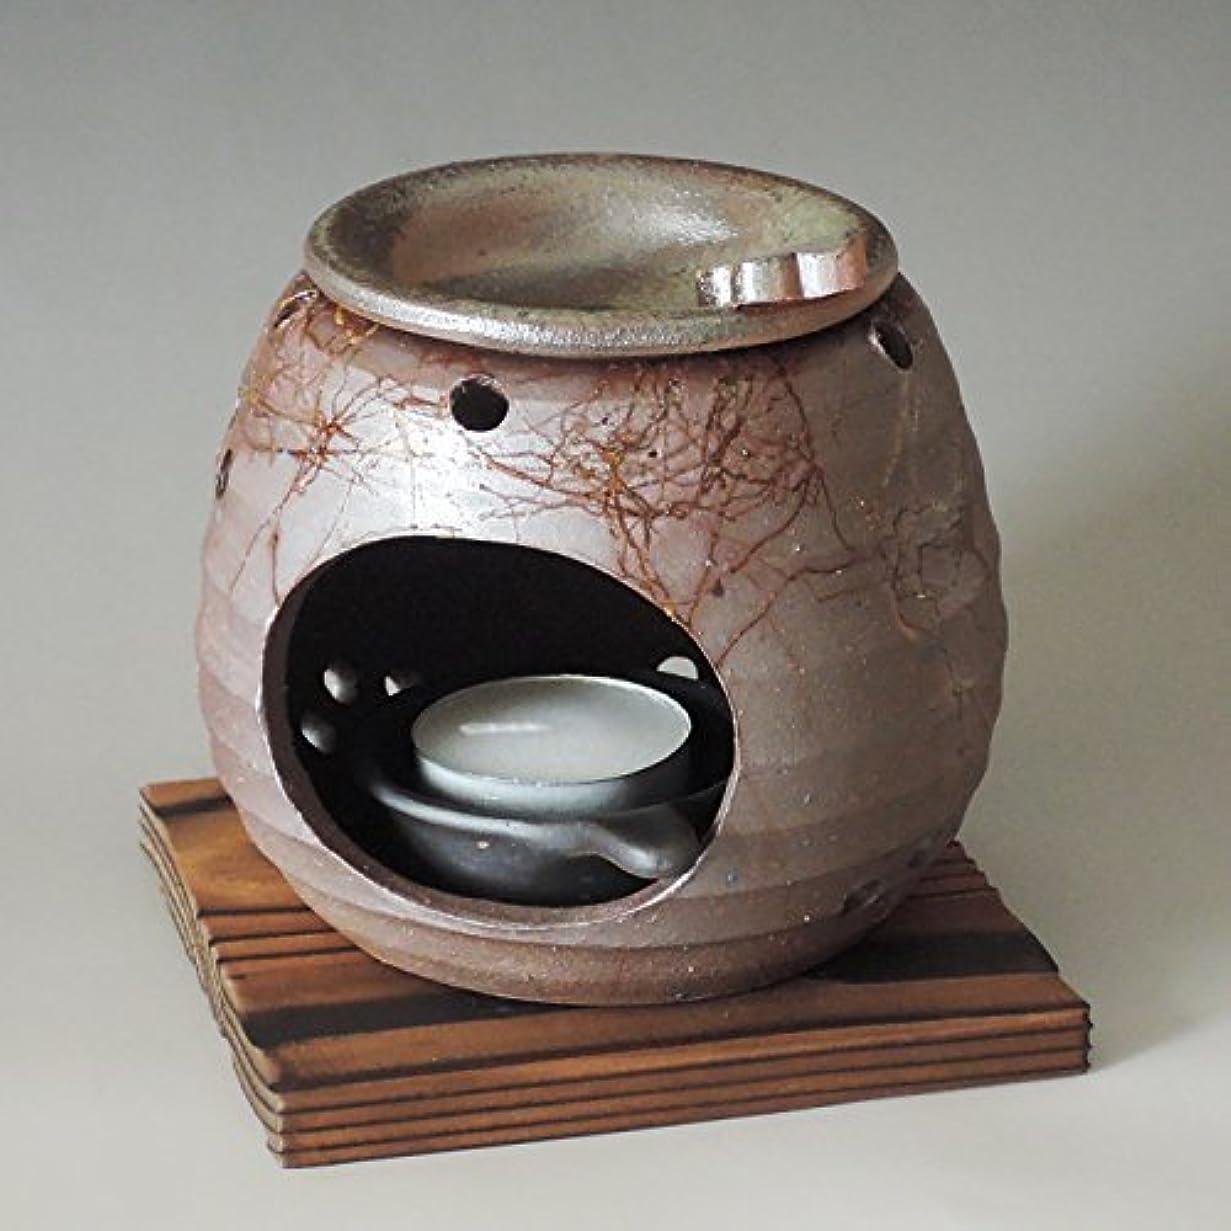 なめらかなくるくる剪断茶香炉 常滑焼 石龍作「藻掛け」川本屋茶舗